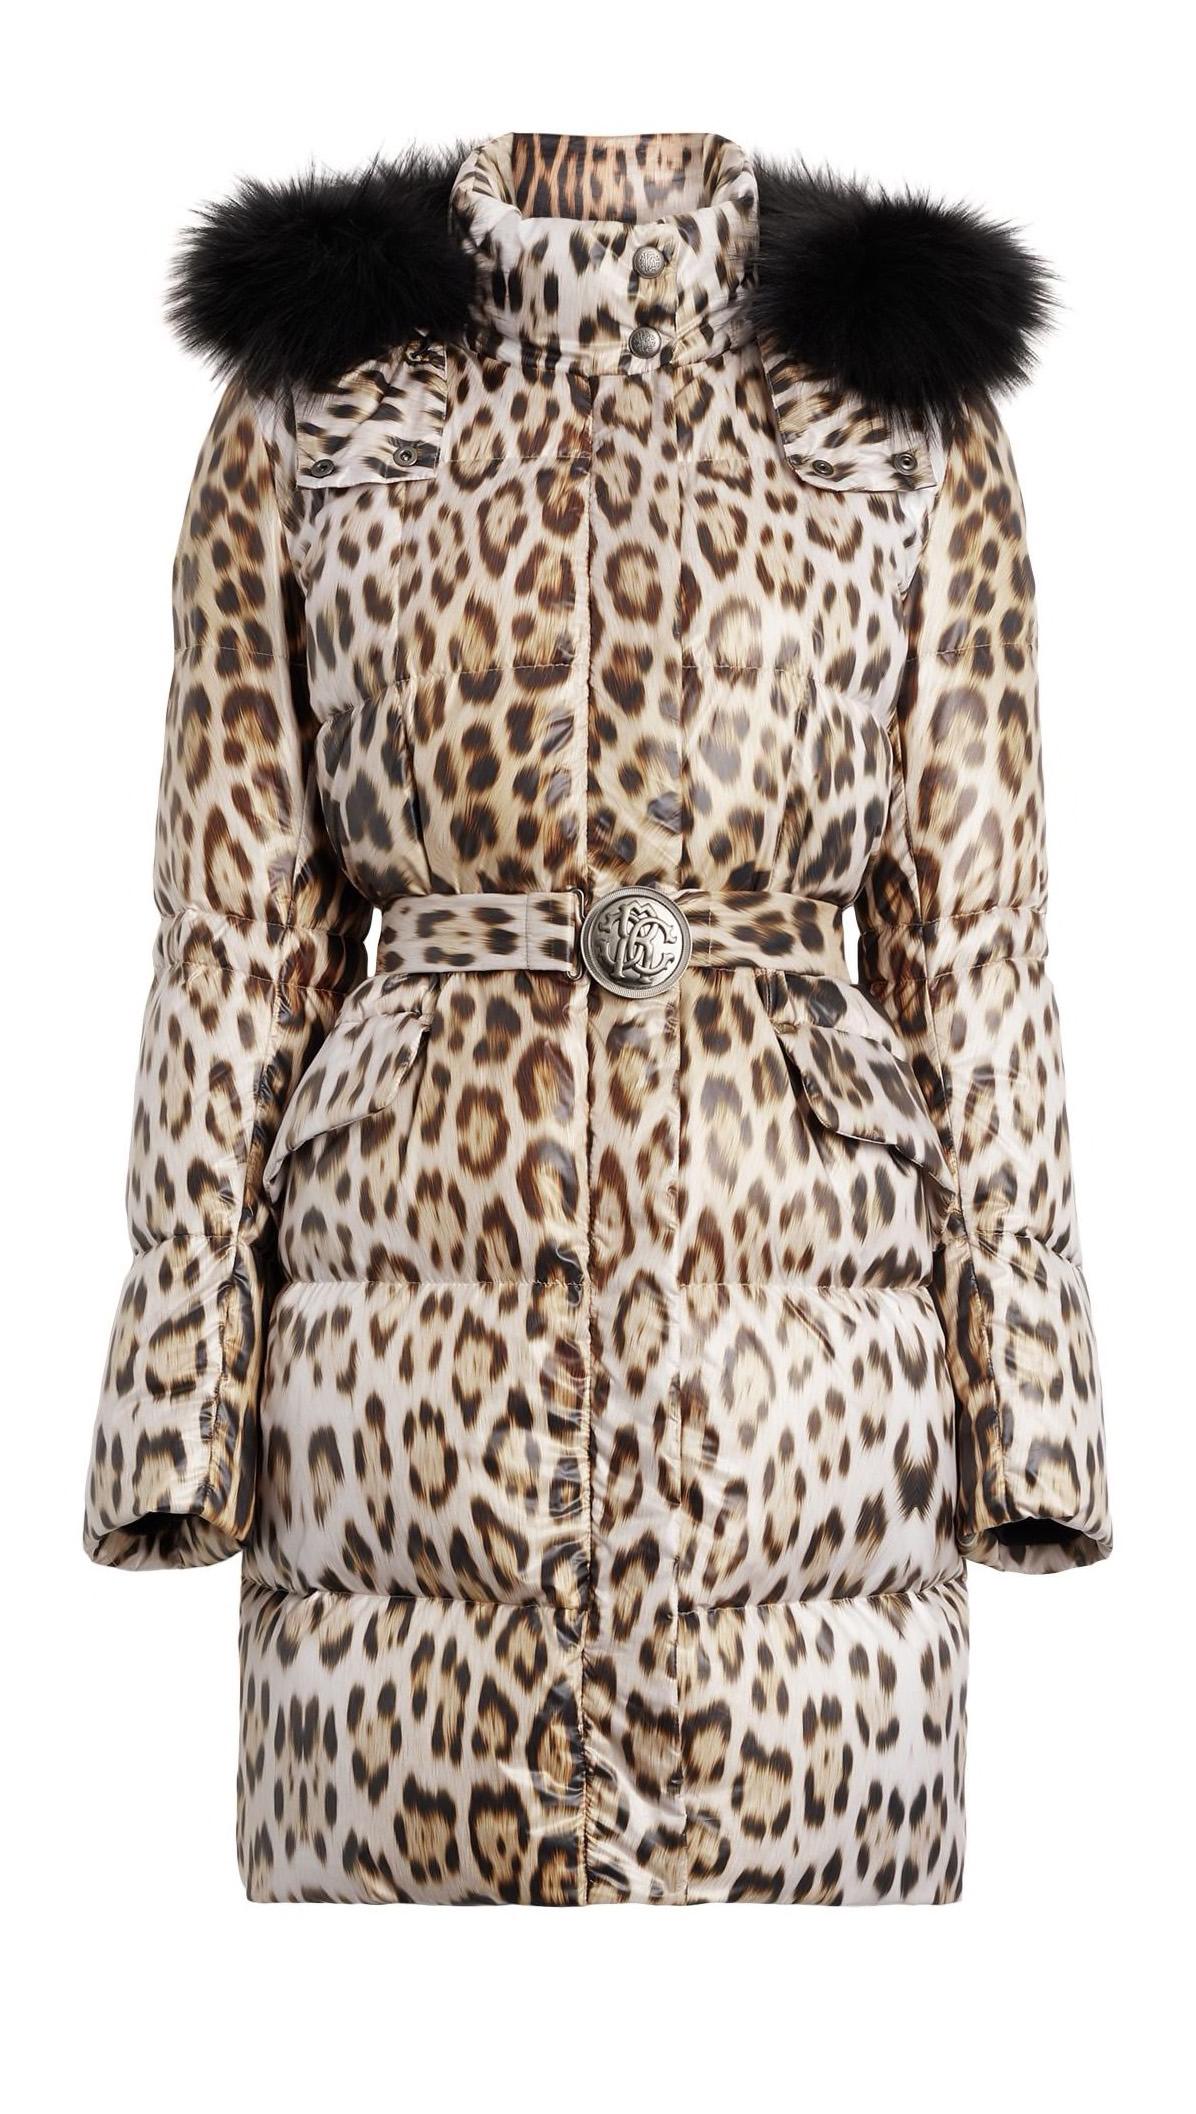 roberto-cavalli-heritage-jaguar-padded-jacket_13753547_18908088_2048.jpg